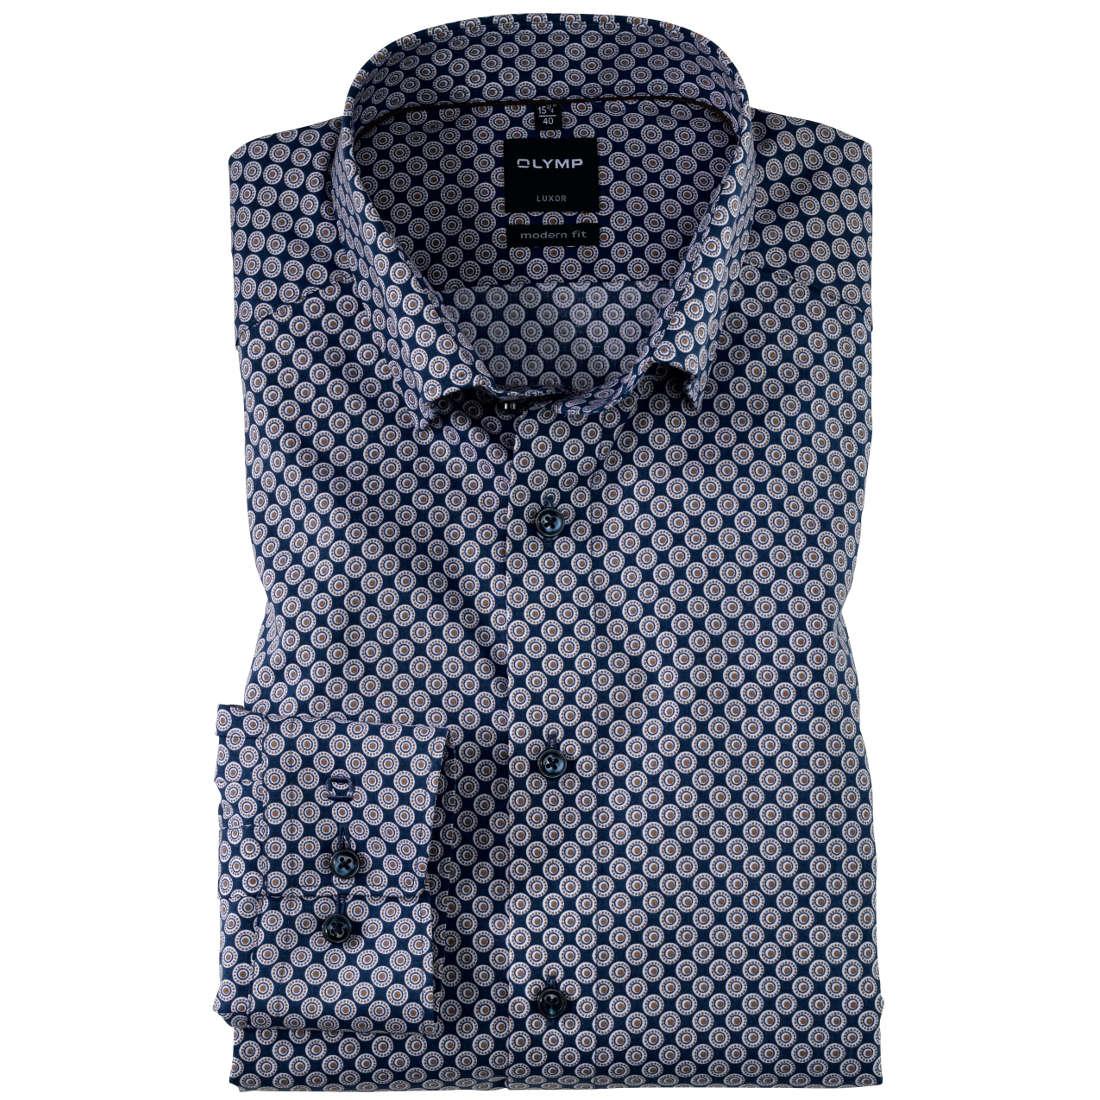 OLYMP overhemd Modern Fit 122034 in het Bruin